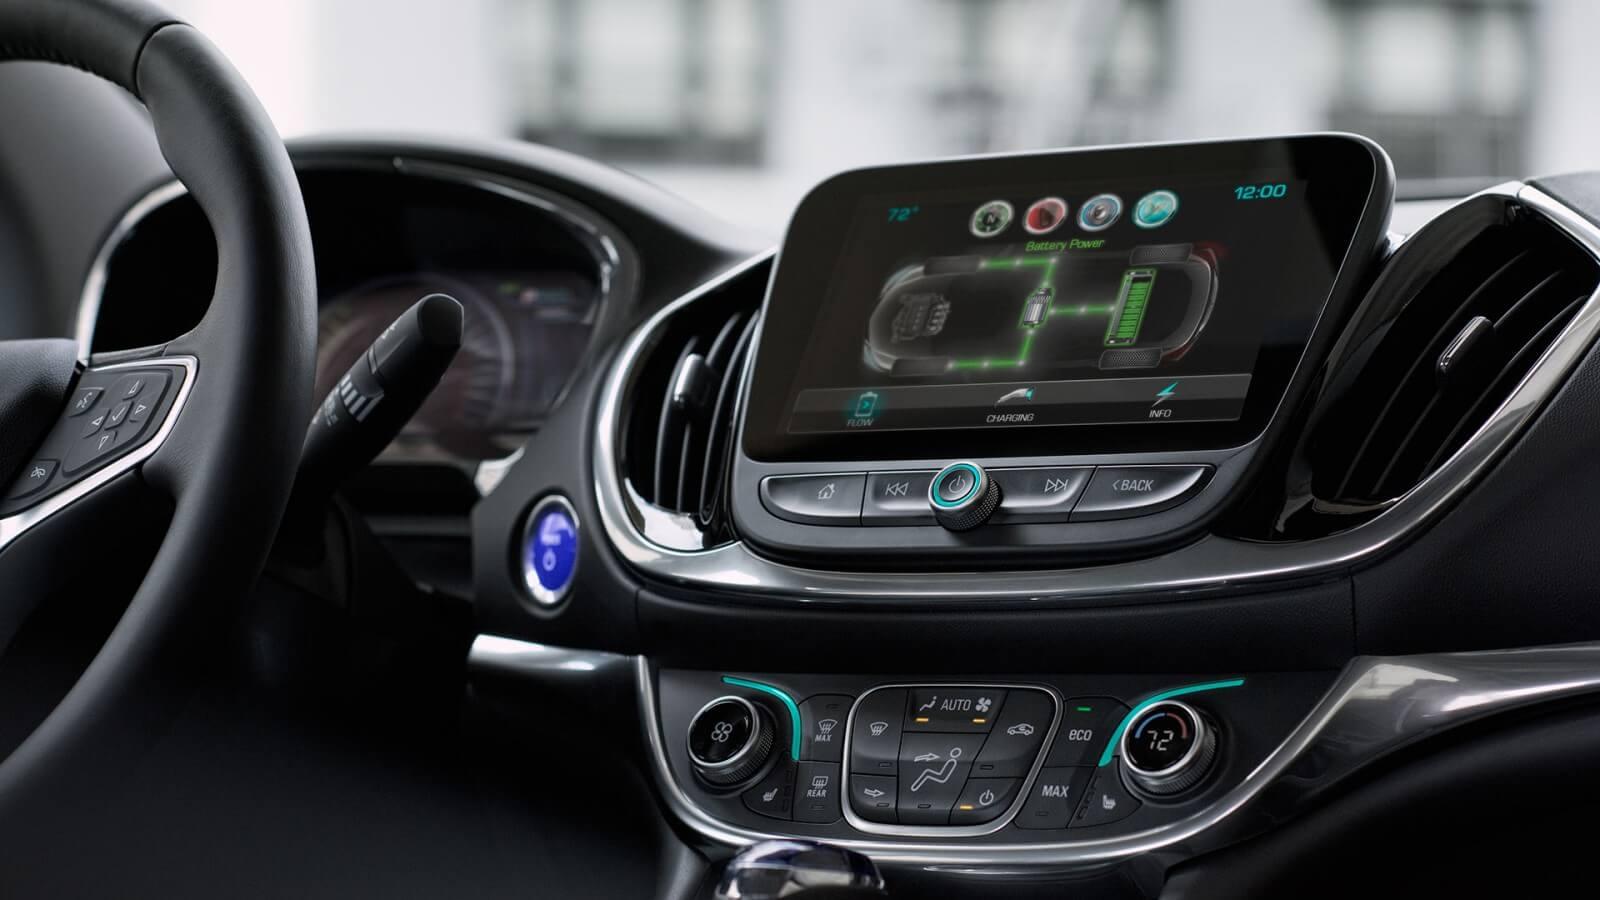 2016 Chevrolet Volt technology features